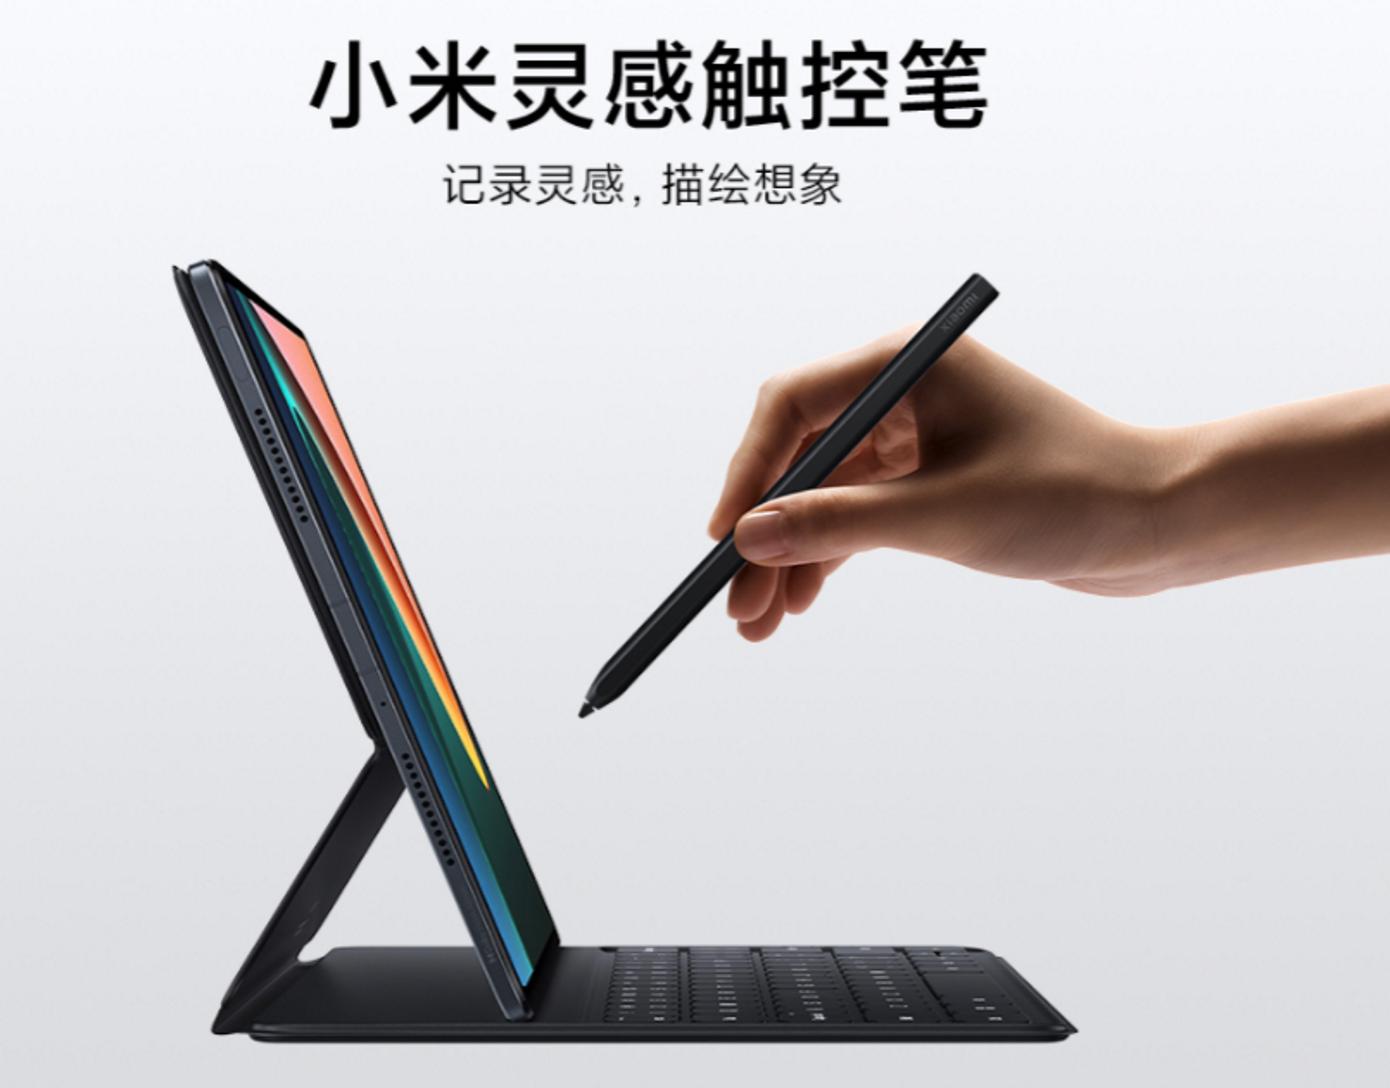 Itogi Prezentaczii Xiaomi 17